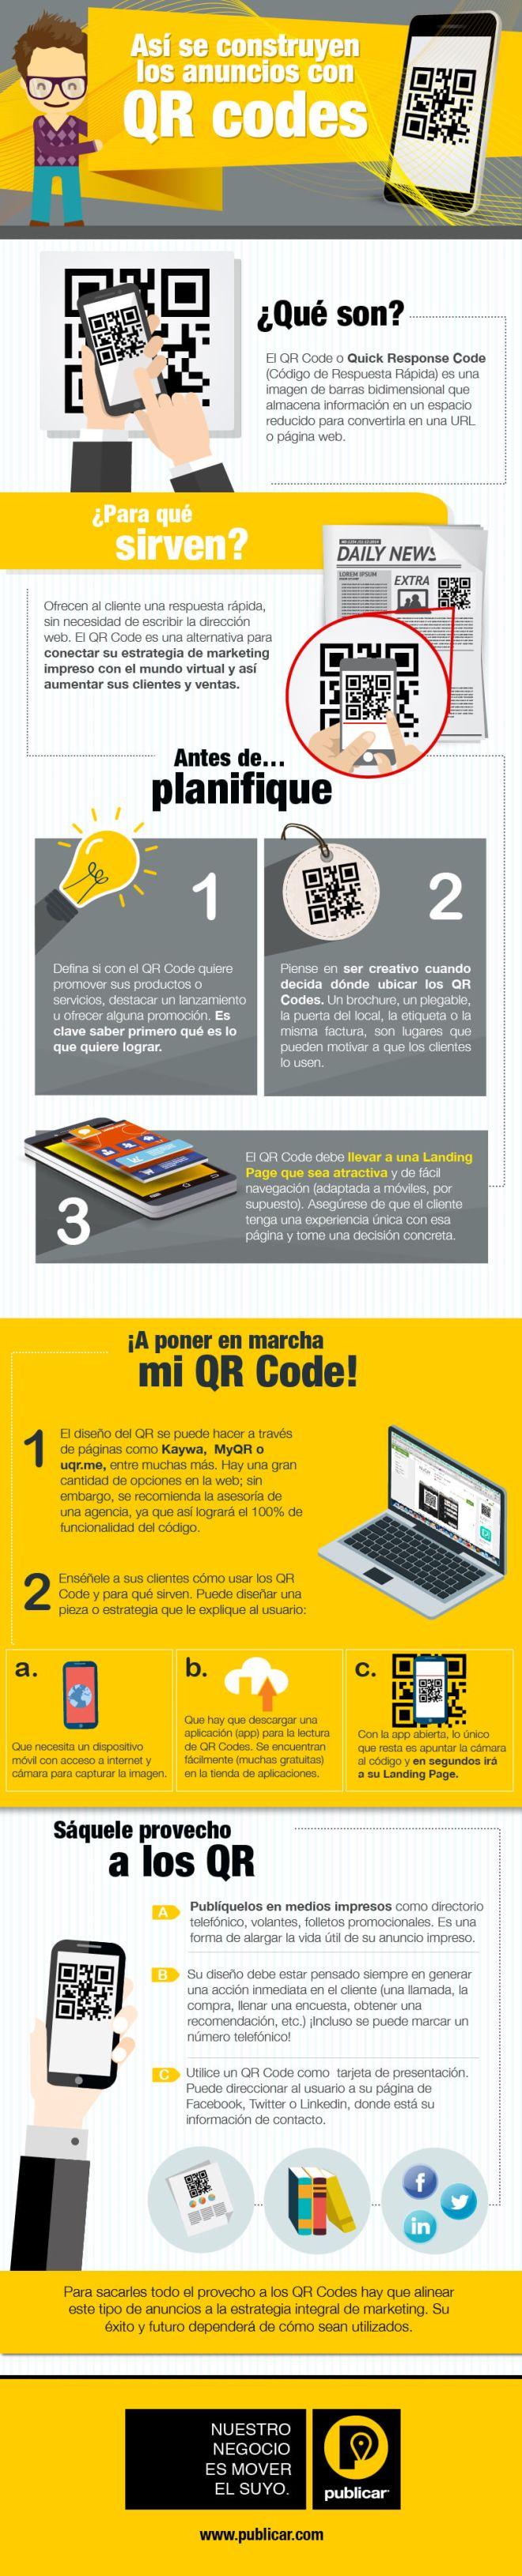 Cómo hacer anuncios con Códigos QR